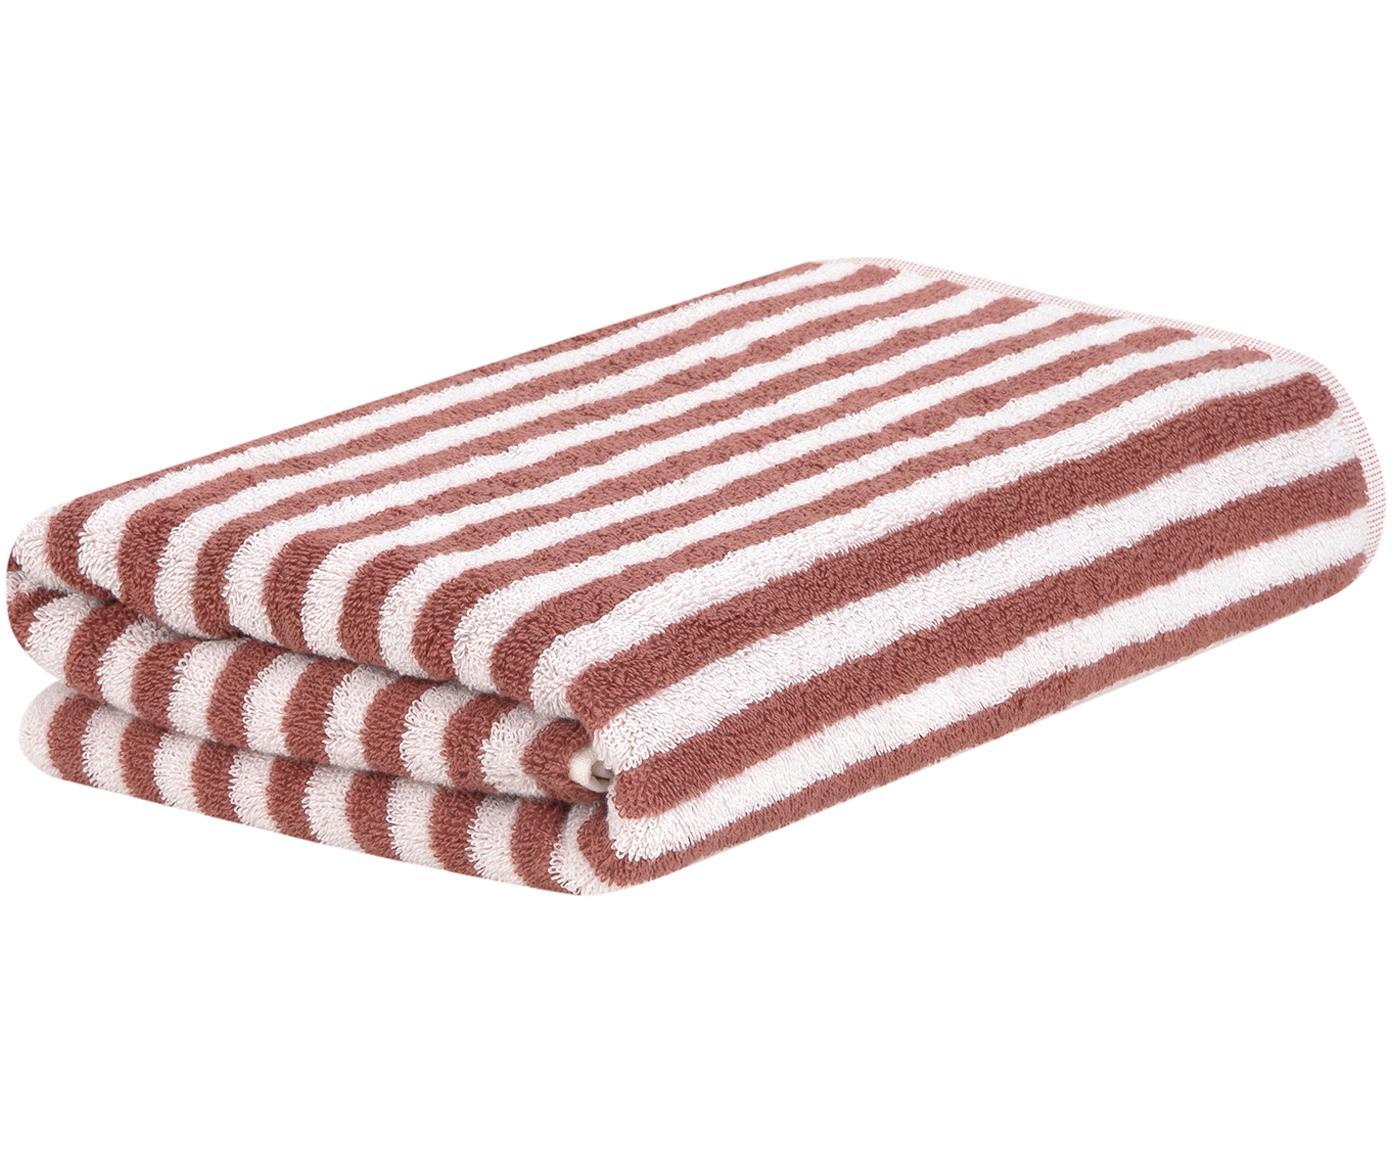 Ręcznik Viola, Terakota, kremowobiały, Ręcznik do rąk